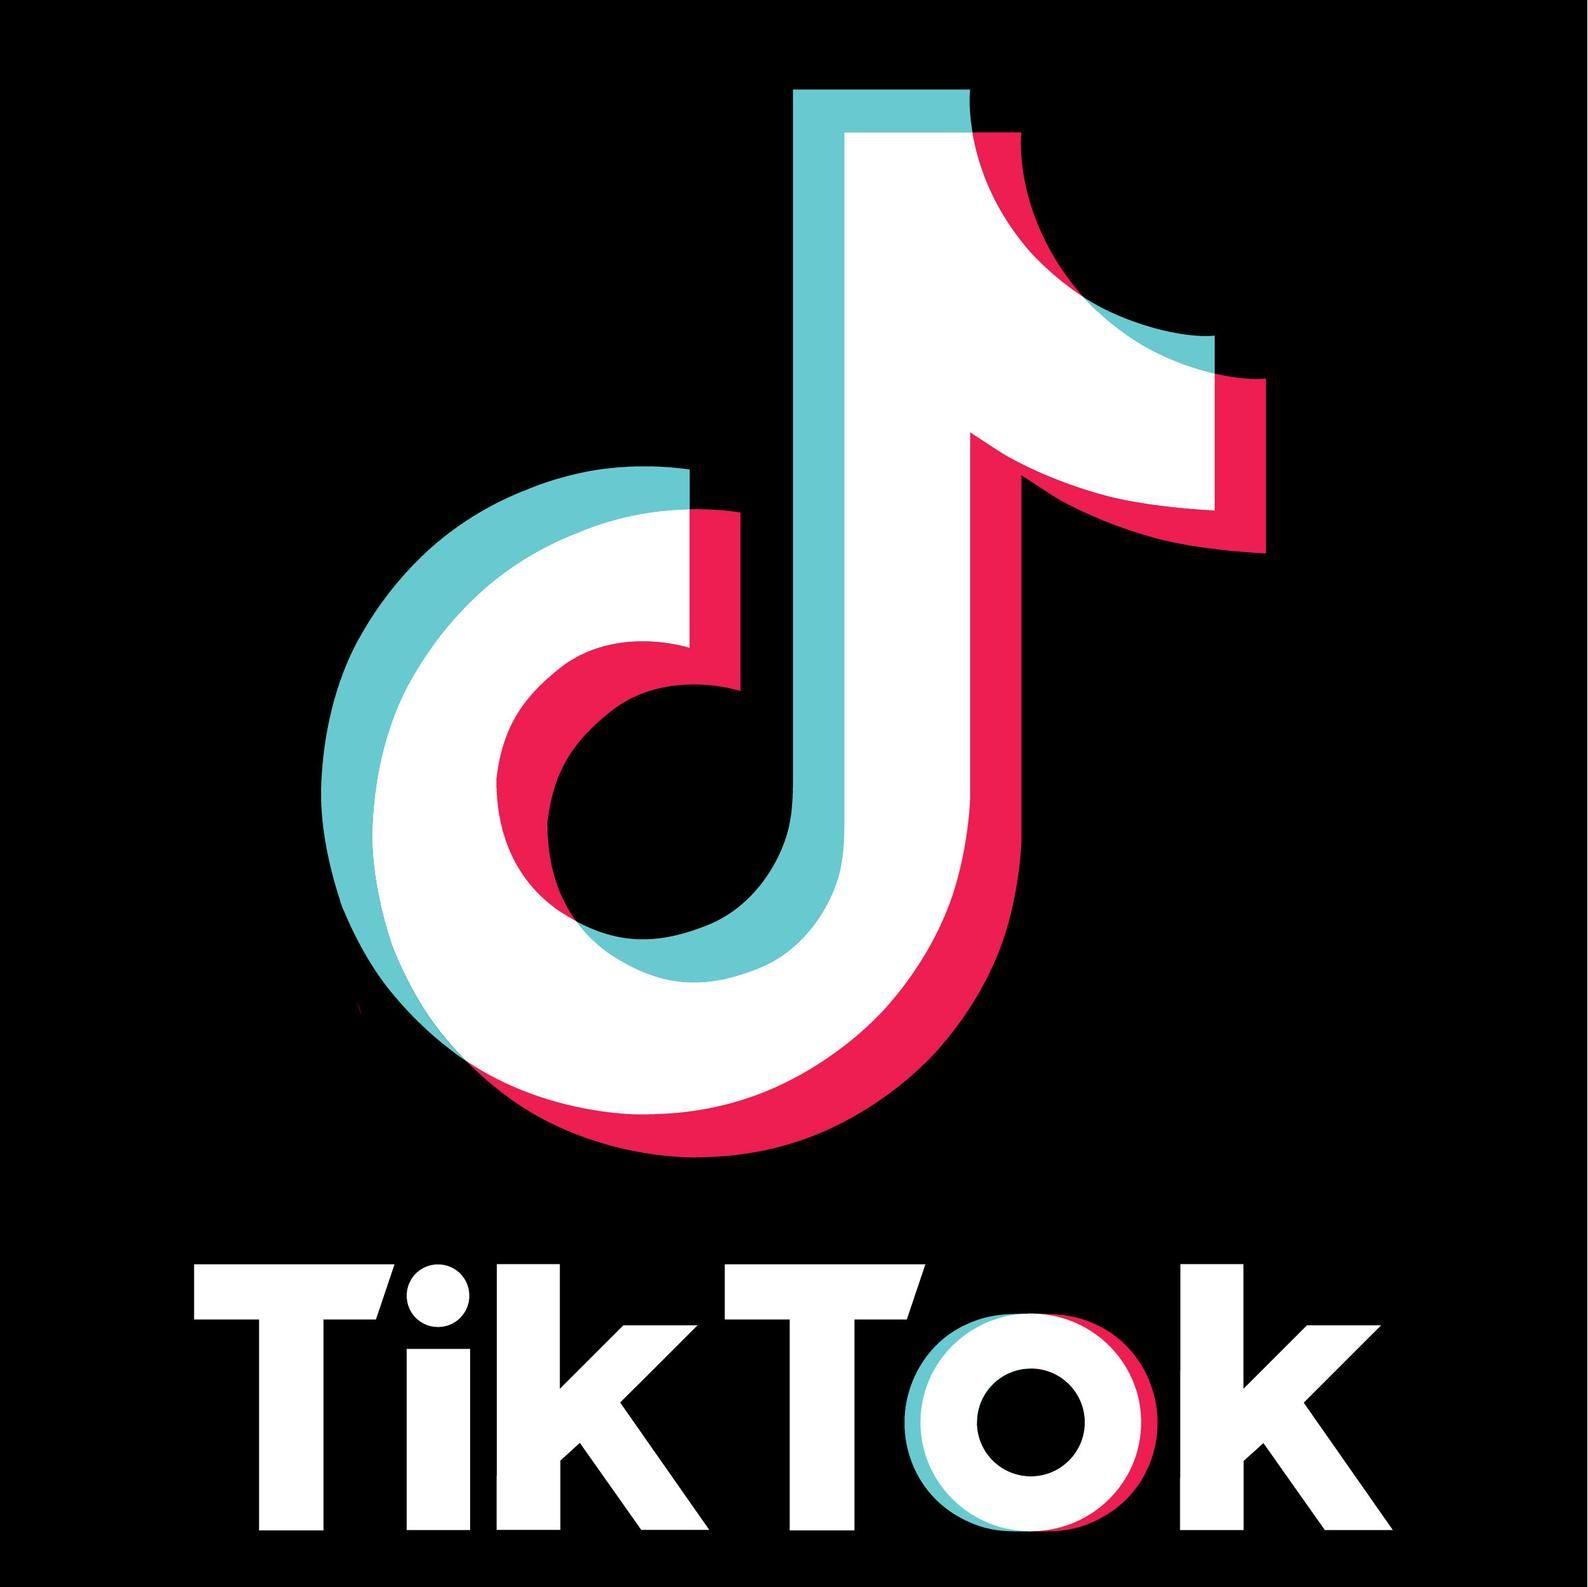 Tiktok Logo Sticker Vinyl Decal Snapchat Logo Logo Sticker Logos